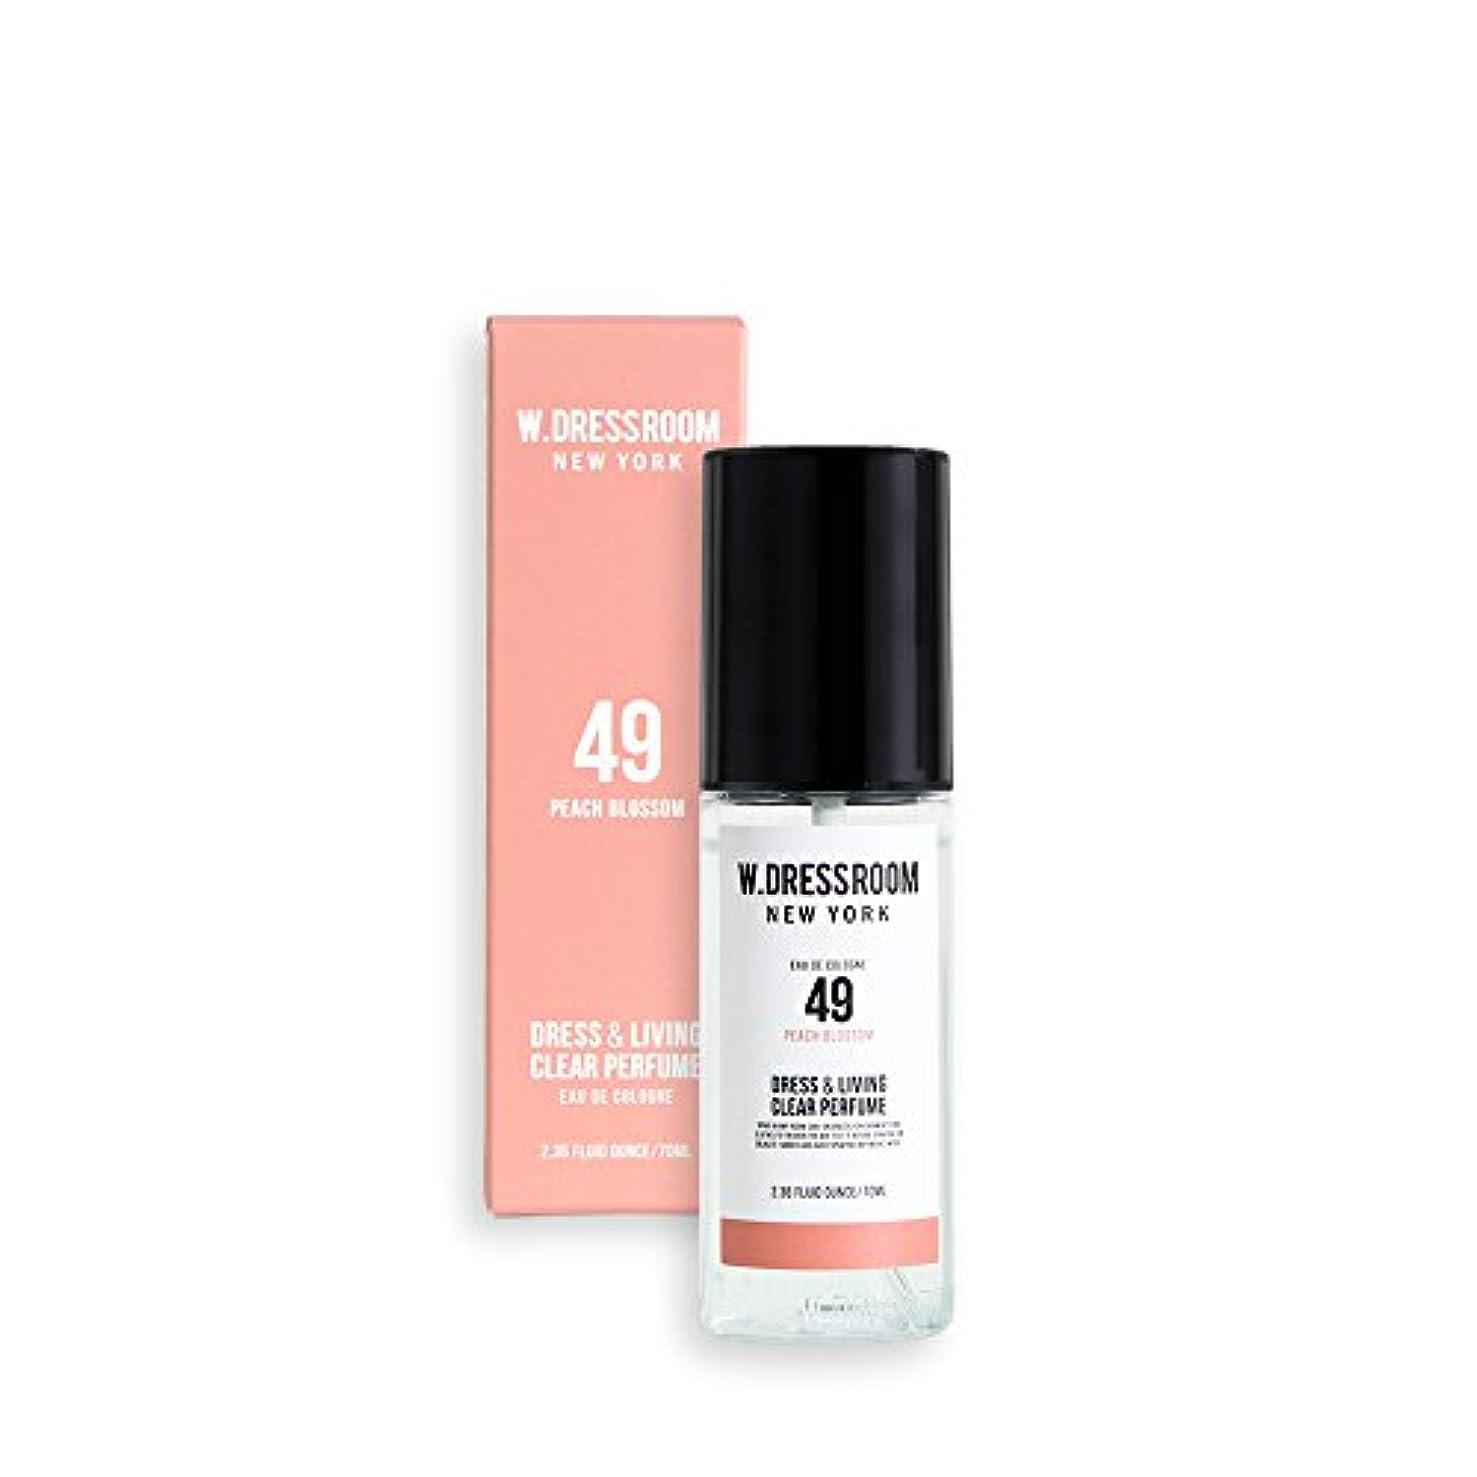 講義陰謀耕すW.DRESSROOM Dress & Living Clear Perfume 70ml (#No.49 Peach Blossom)/ダブルドレスルーム ドレス&リビング クリア パフューム 70ml (#No.49...